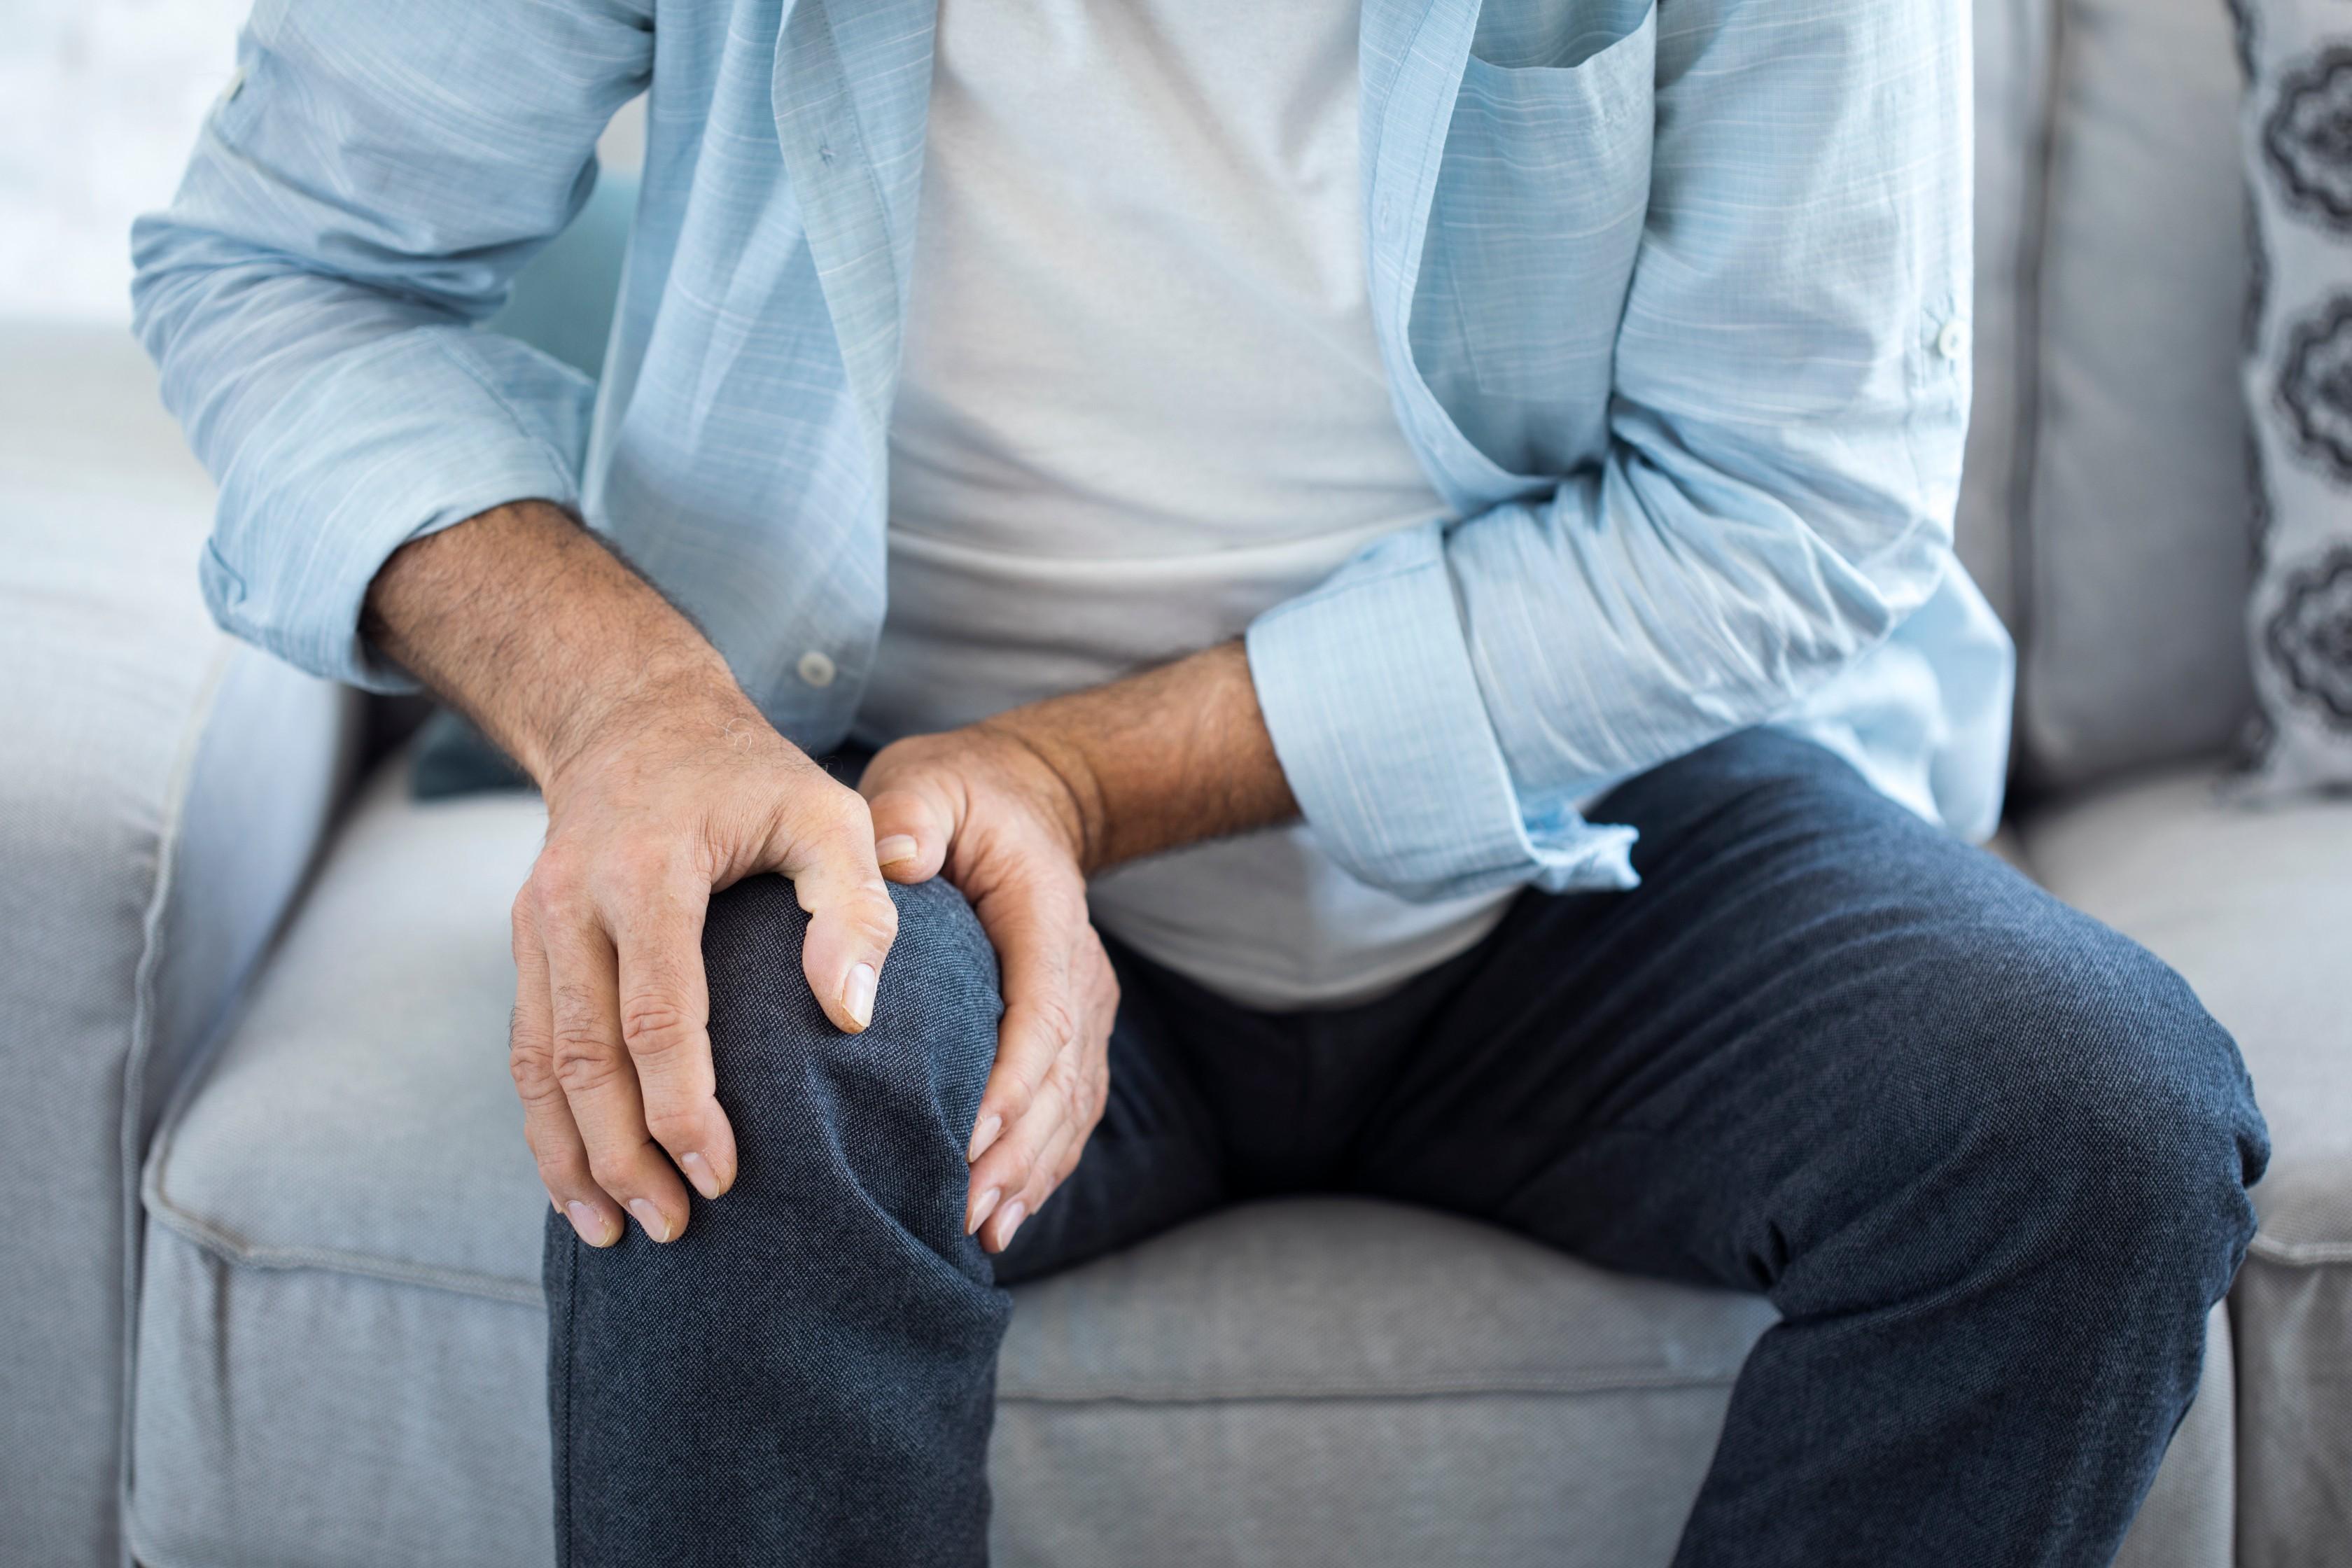 hogyan kezeljük az ízületi fájdalmakat sóval